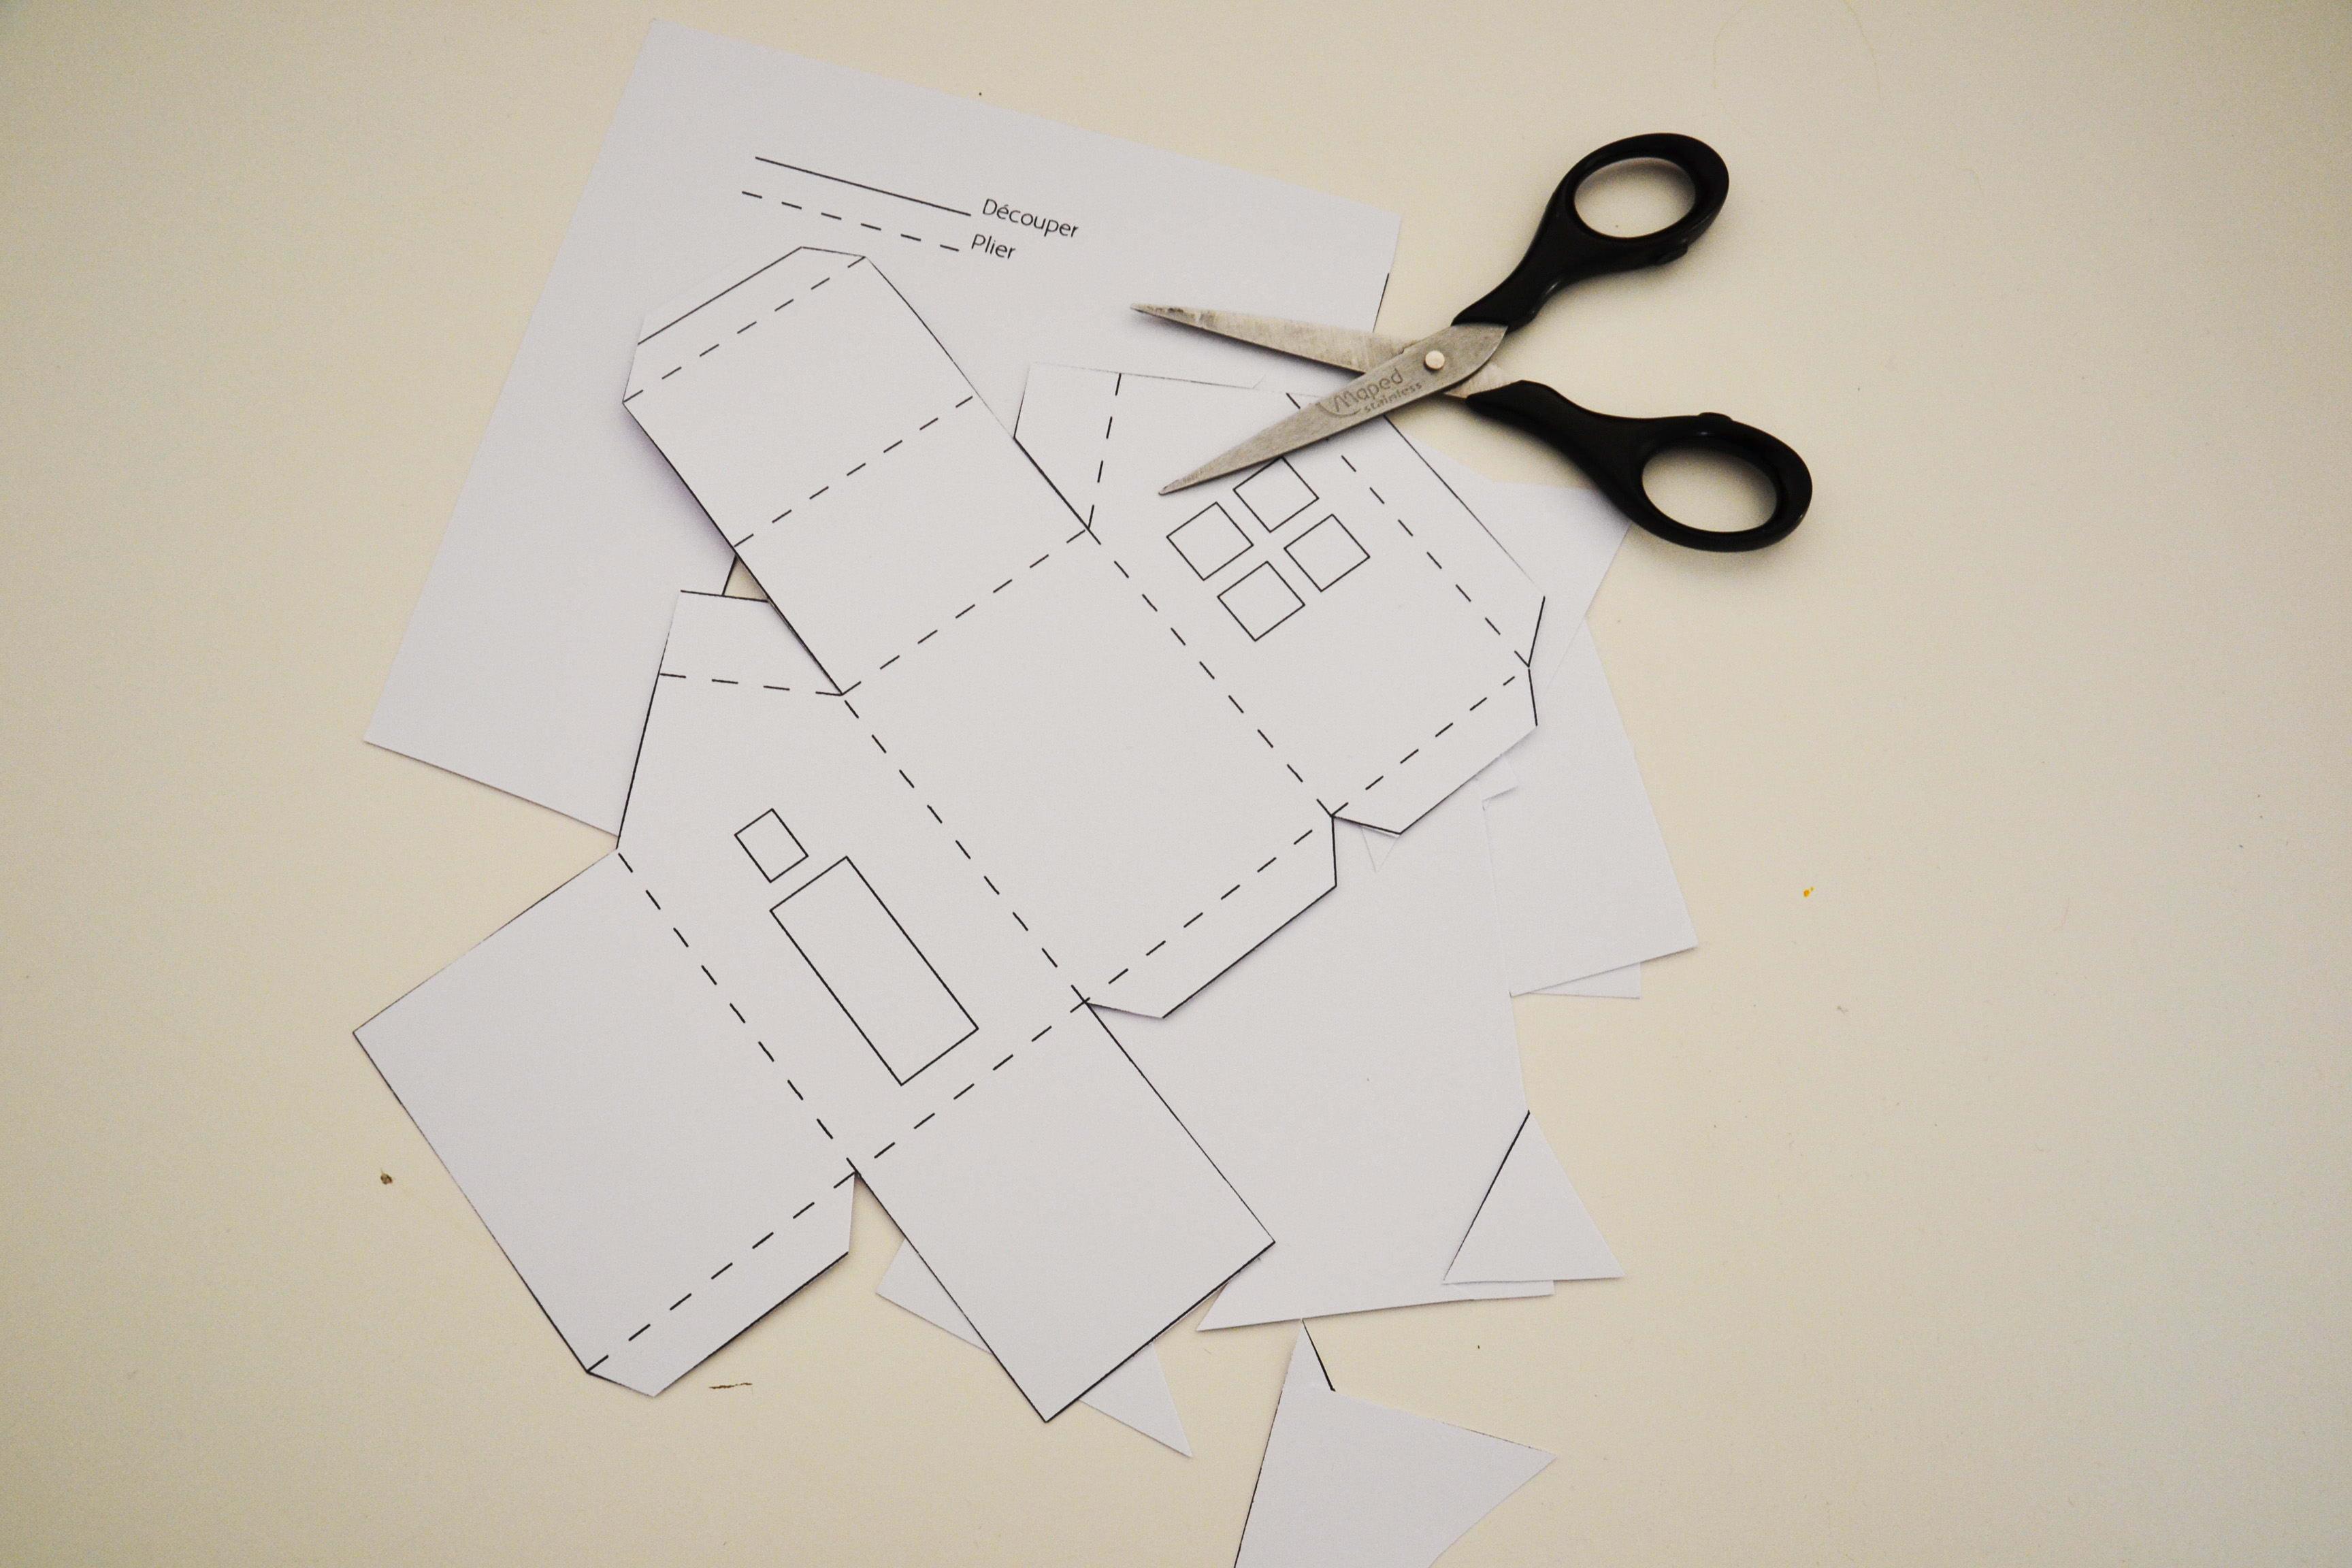 Calendrier De L'avent À Fabriquer : Des Maisonnettes En Papier intérieur Patron De Maison En Papier A Imprimer